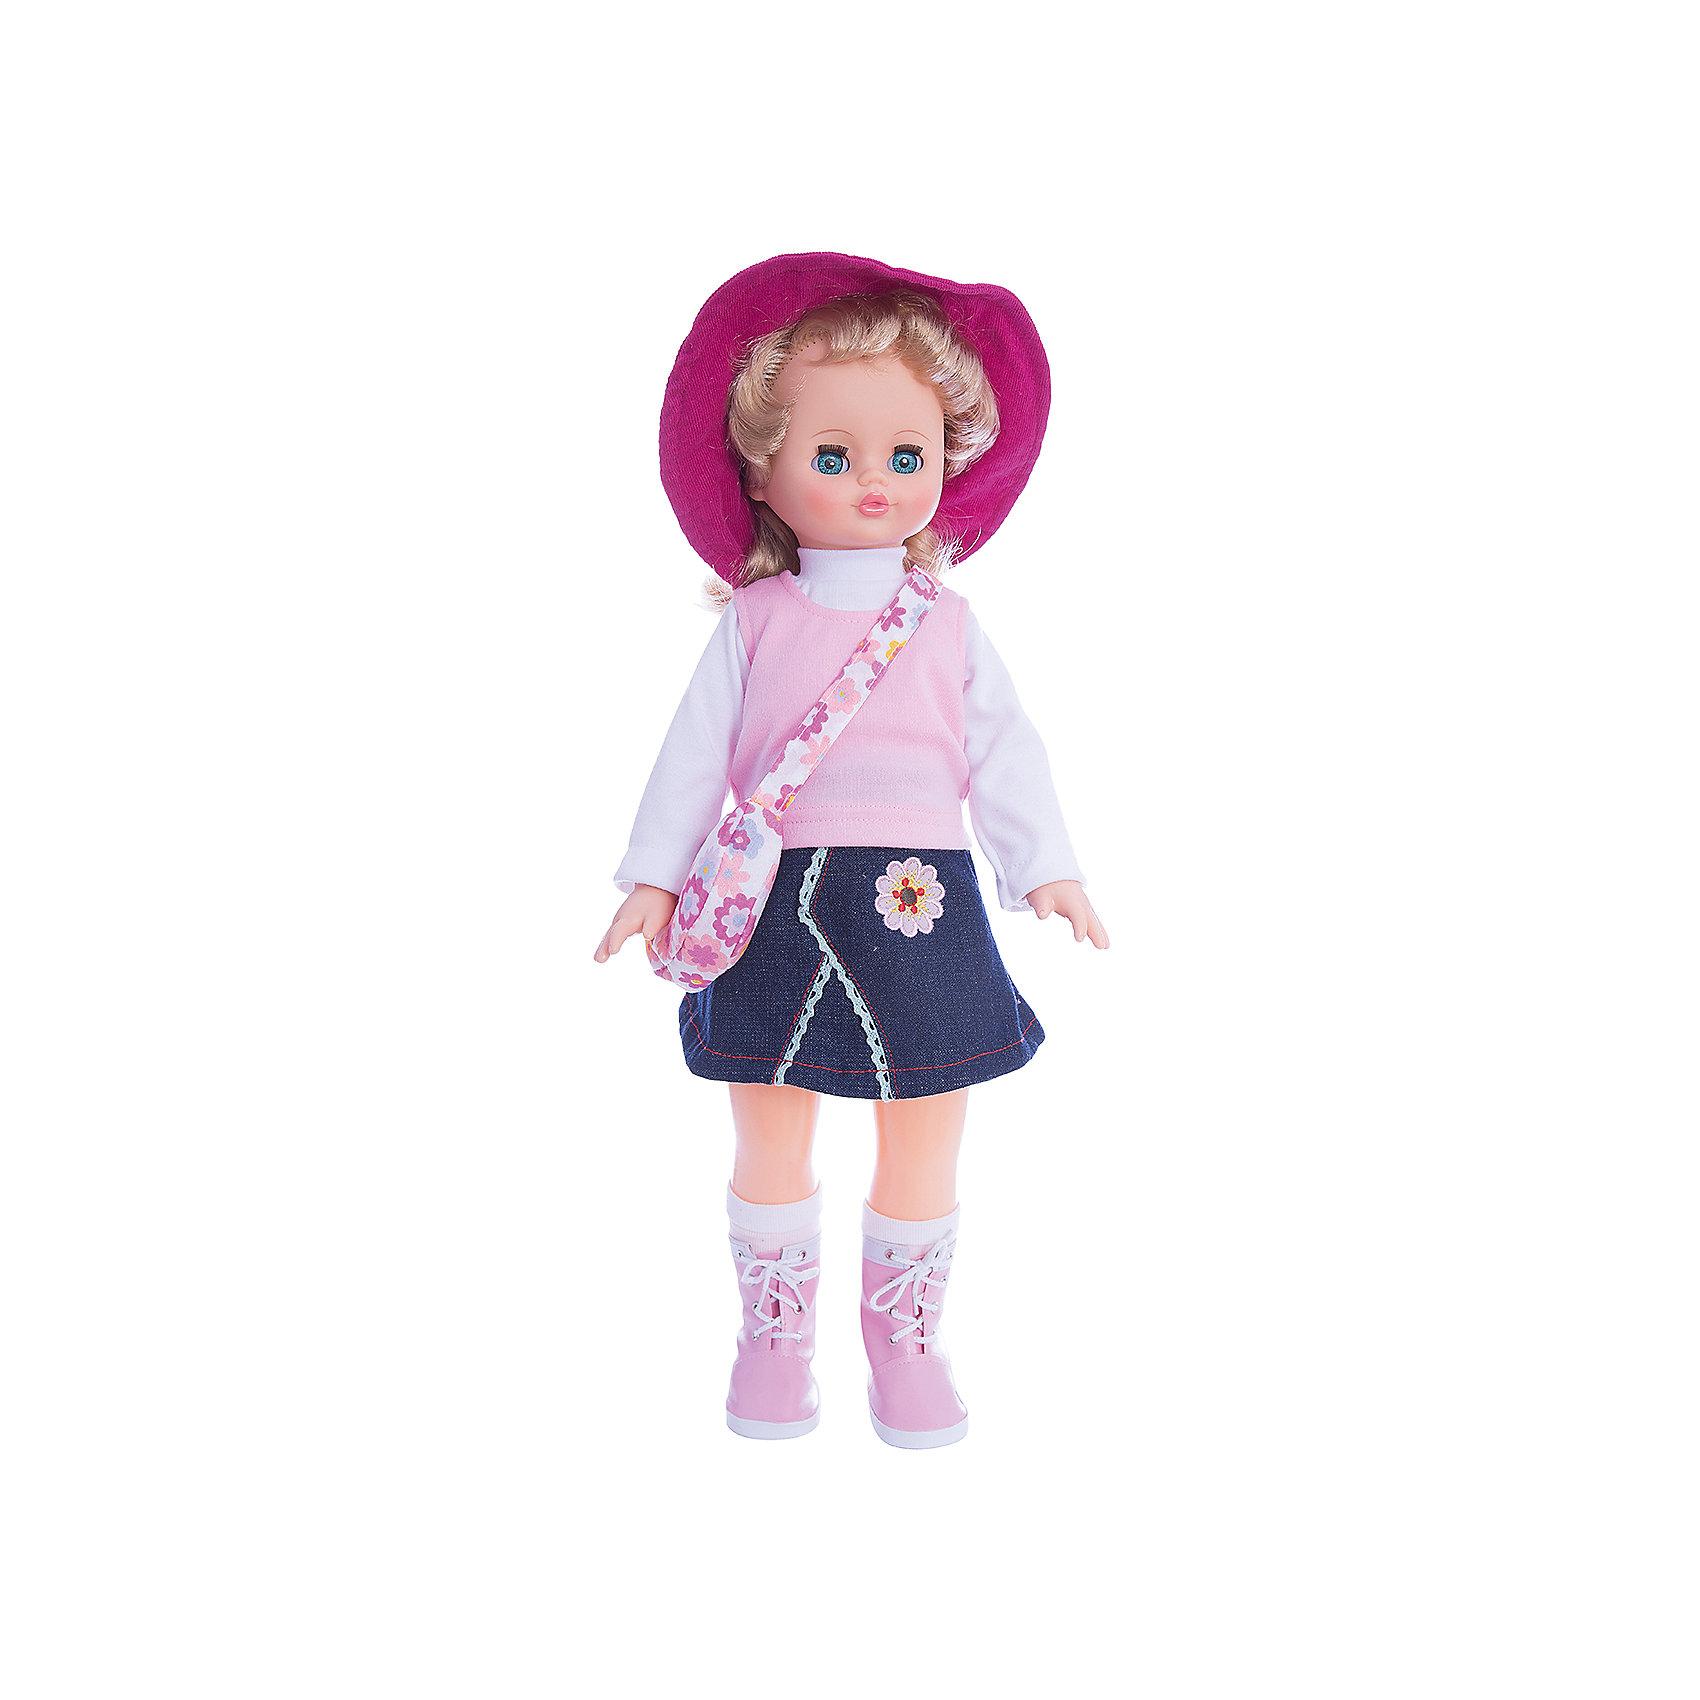 Кукла Алиса, со звуком, 55 см, ВеснаИнтерактивные куклы<br>Модно одетая красивая кукла от отечественного производителя способна не просто помочь ребенку весело проводить время, но и научить девочку одеваться со вкусом. На ней - модный костюм со шляпкой, обувь, всё можно снимать и надевать.<br>Кукла произносит несколько фраз, механизм работает от батареек. Очень красиво смотрятся пышные волосы, на которых можно делать прически. Сделана игрушка из качественных и безопасных для ребенка материалов. Такая кукла поможет ребенку освоить механизмы социальных взаимодействий, развить моторику и воображение. Также куклы помогают девочкам научиться заботиться о других.<br><br>Дополнительная информация:<br><br>- материал: пластмасса;<br>- волосы: прошивные;<br>- открывающиеся глаза;<br>- звуковой модуль;<br>- снимающаяся одежда и обувь;<br>- высота: 55 см.<br><br>Комплектация:<br><br>- одежда;<br>- три батарейки СЦ 357.<br><br>Куклу Алиса, со звуком, от марки Весна можно купить в нашем магазине.<br><br>Ширина мм: 240<br>Глубина мм: 150<br>Высота мм: 590<br>Вес г: 900<br>Возраст от месяцев: 36<br>Возраст до месяцев: 1188<br>Пол: Женский<br>Возраст: Детский<br>SKU: 4701863